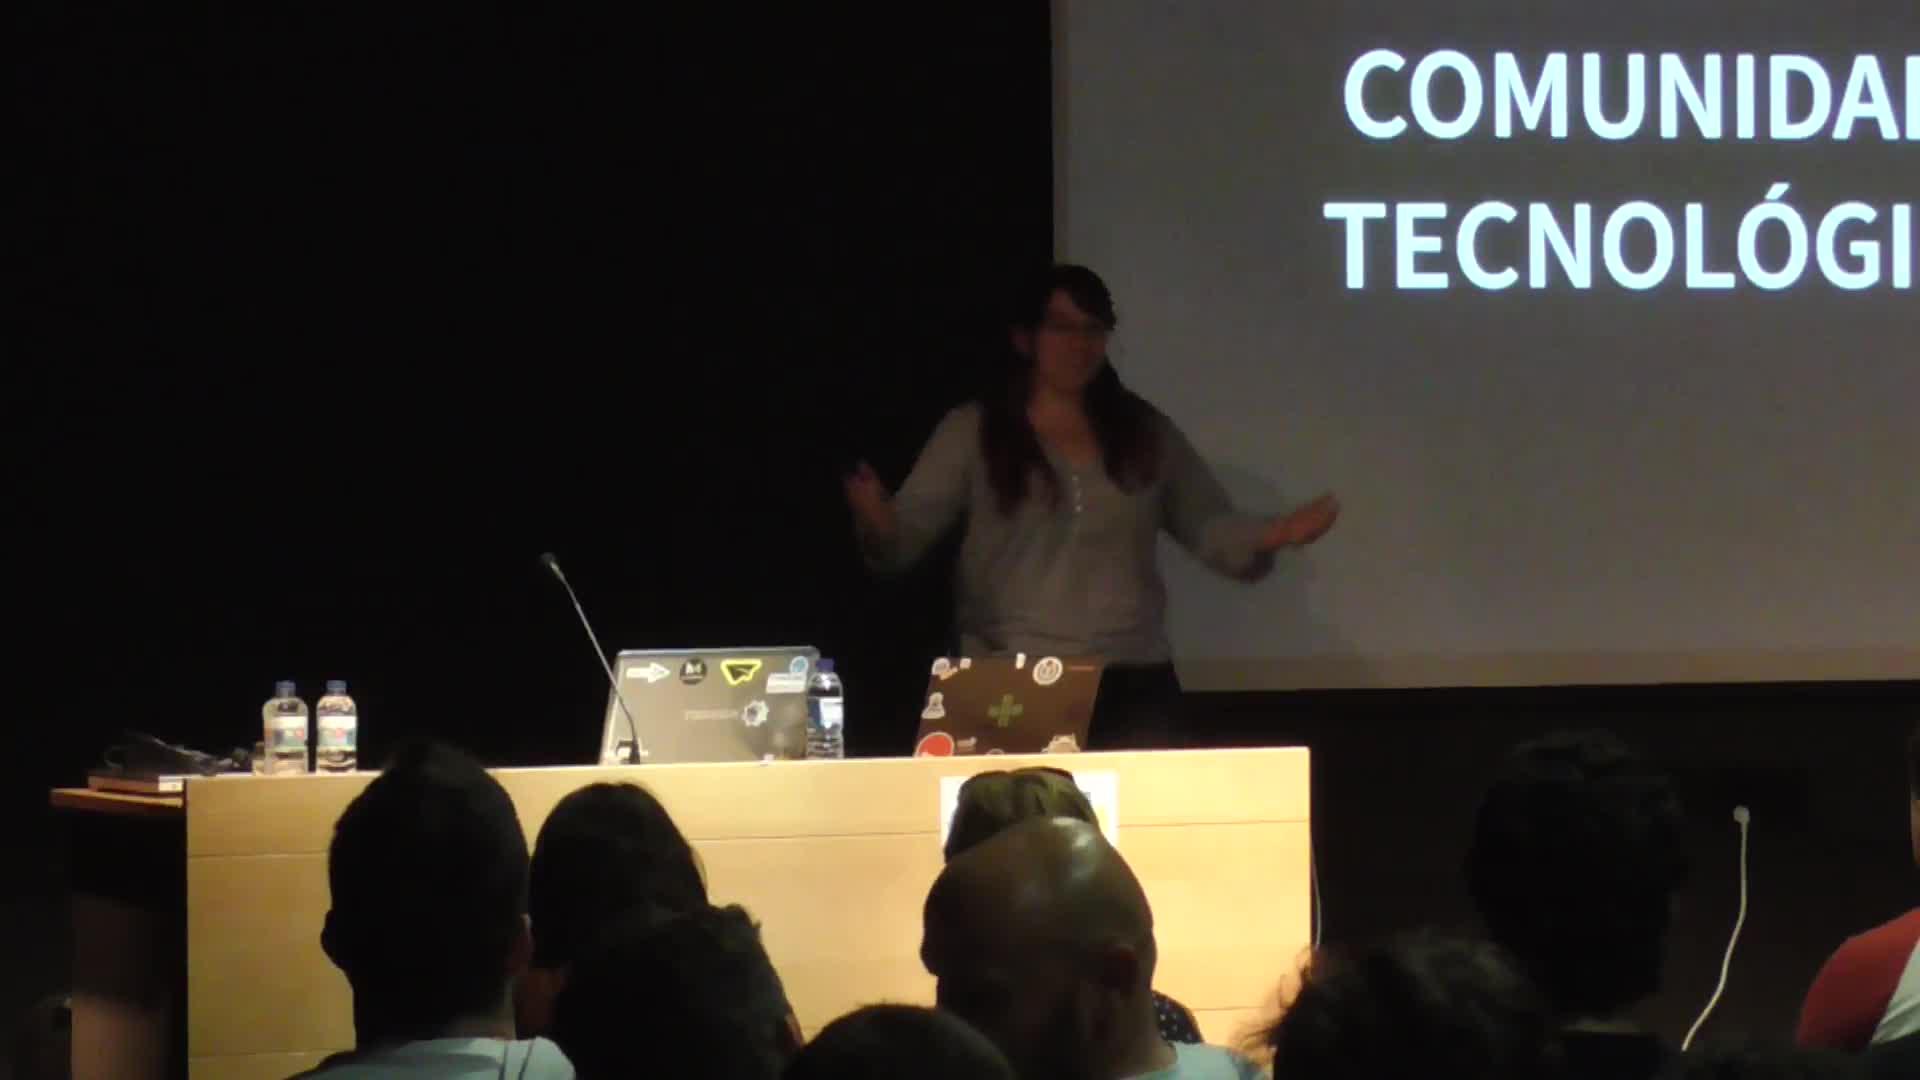 Image from Cicerón y las comunidades tecnológicas